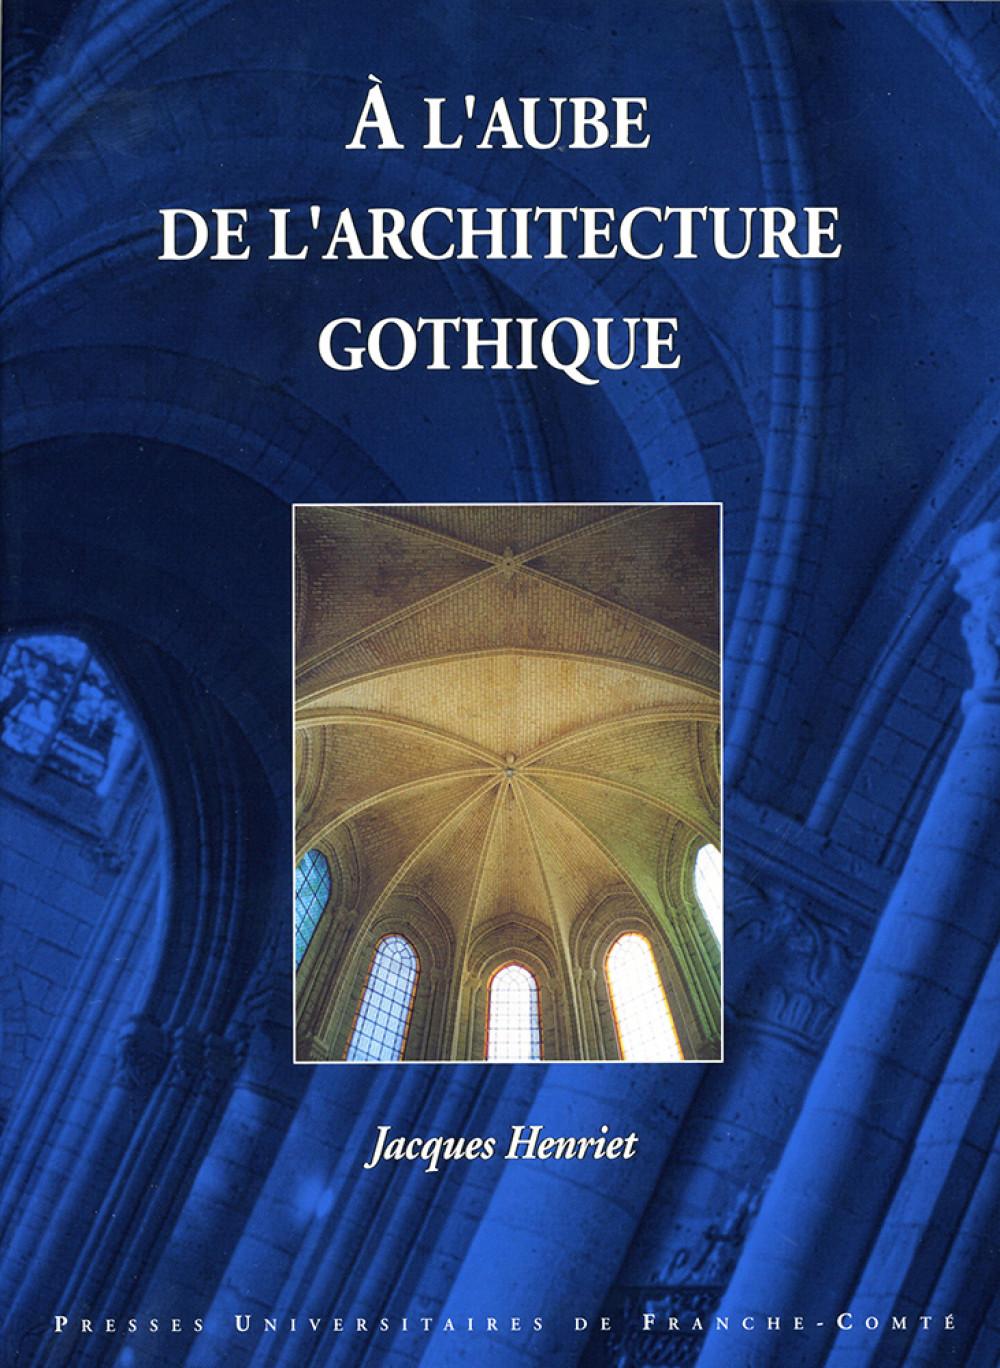 A l'aube de l'architecture gothique